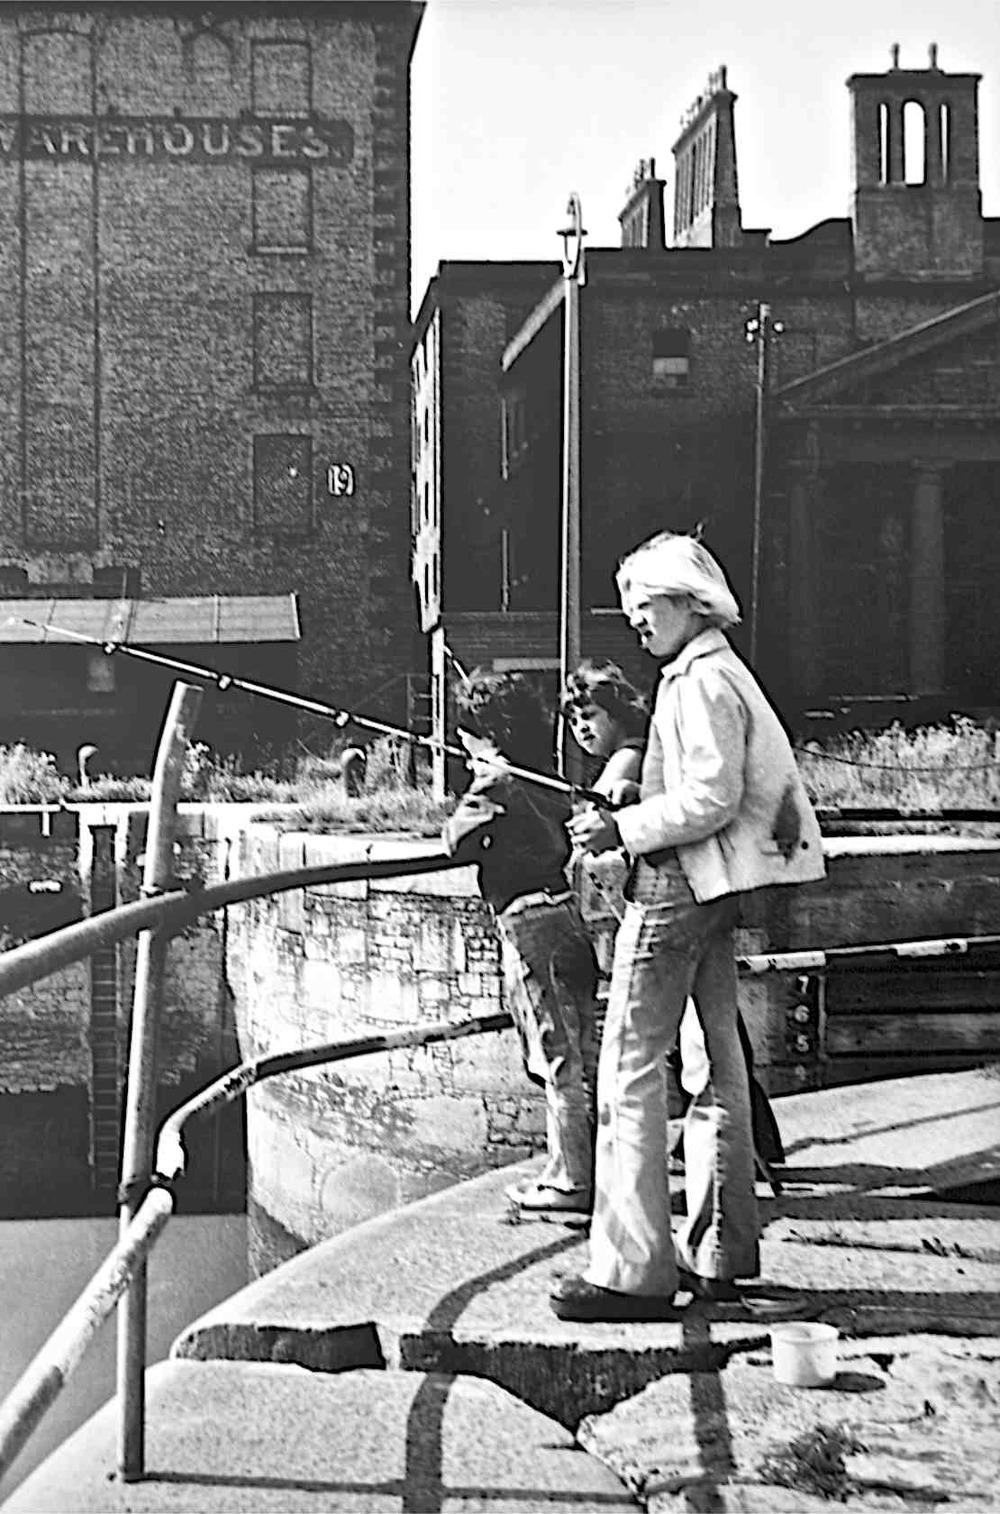 'Fishing'